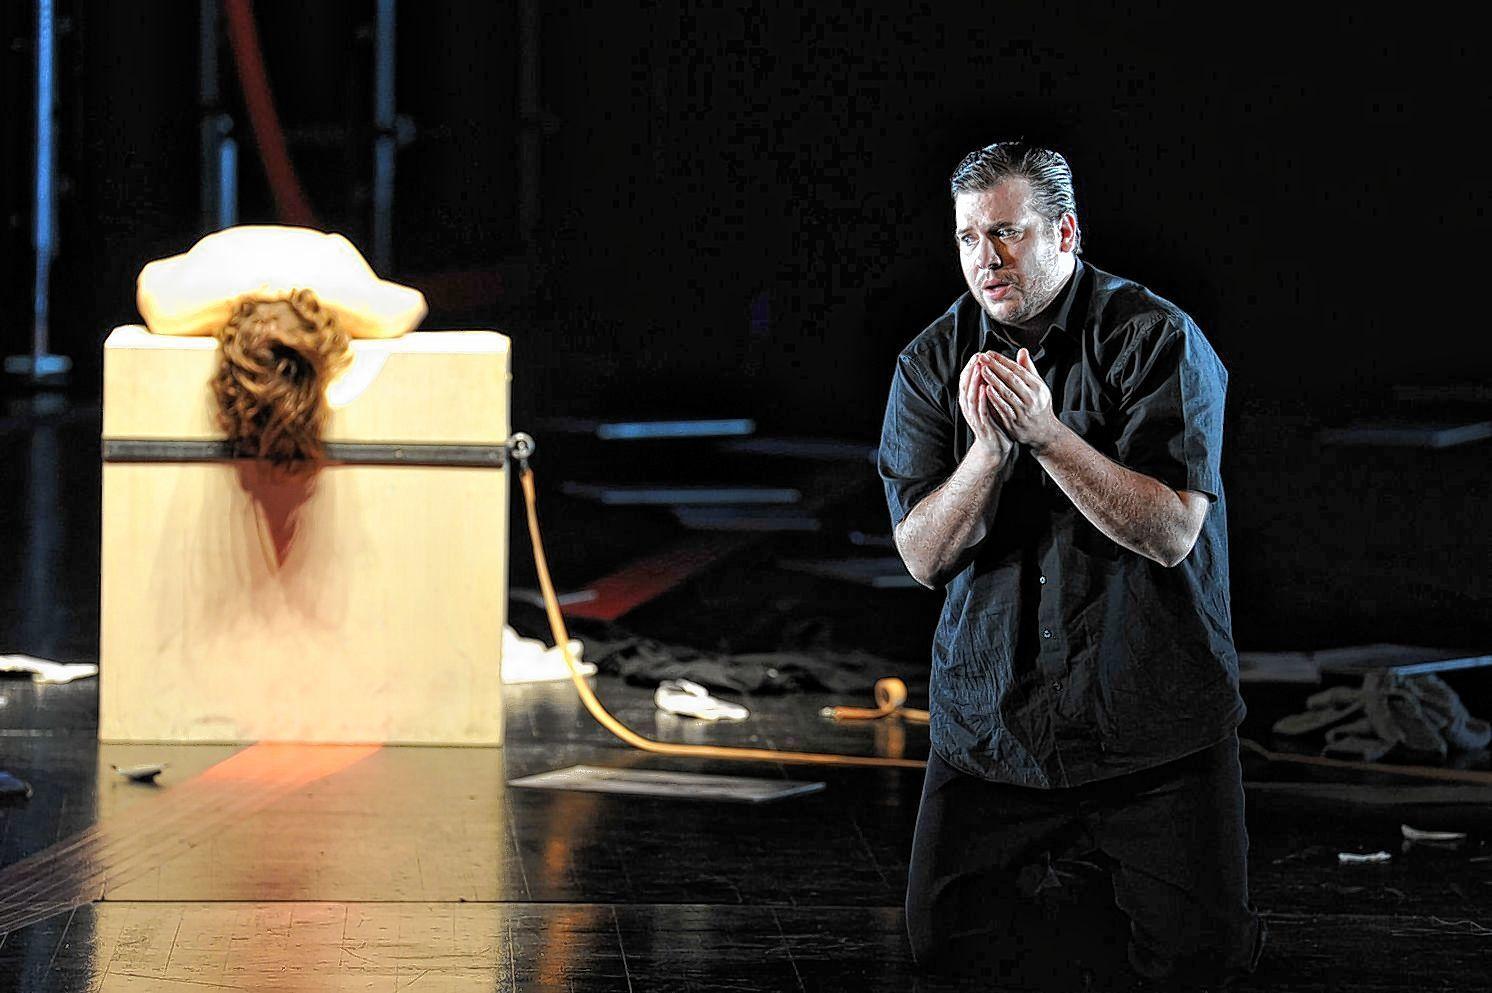 Mannheims tenor prinz jetzt als kaiser kultur nachrichten morgenweb - Herbergt s werelds spiegelt ...